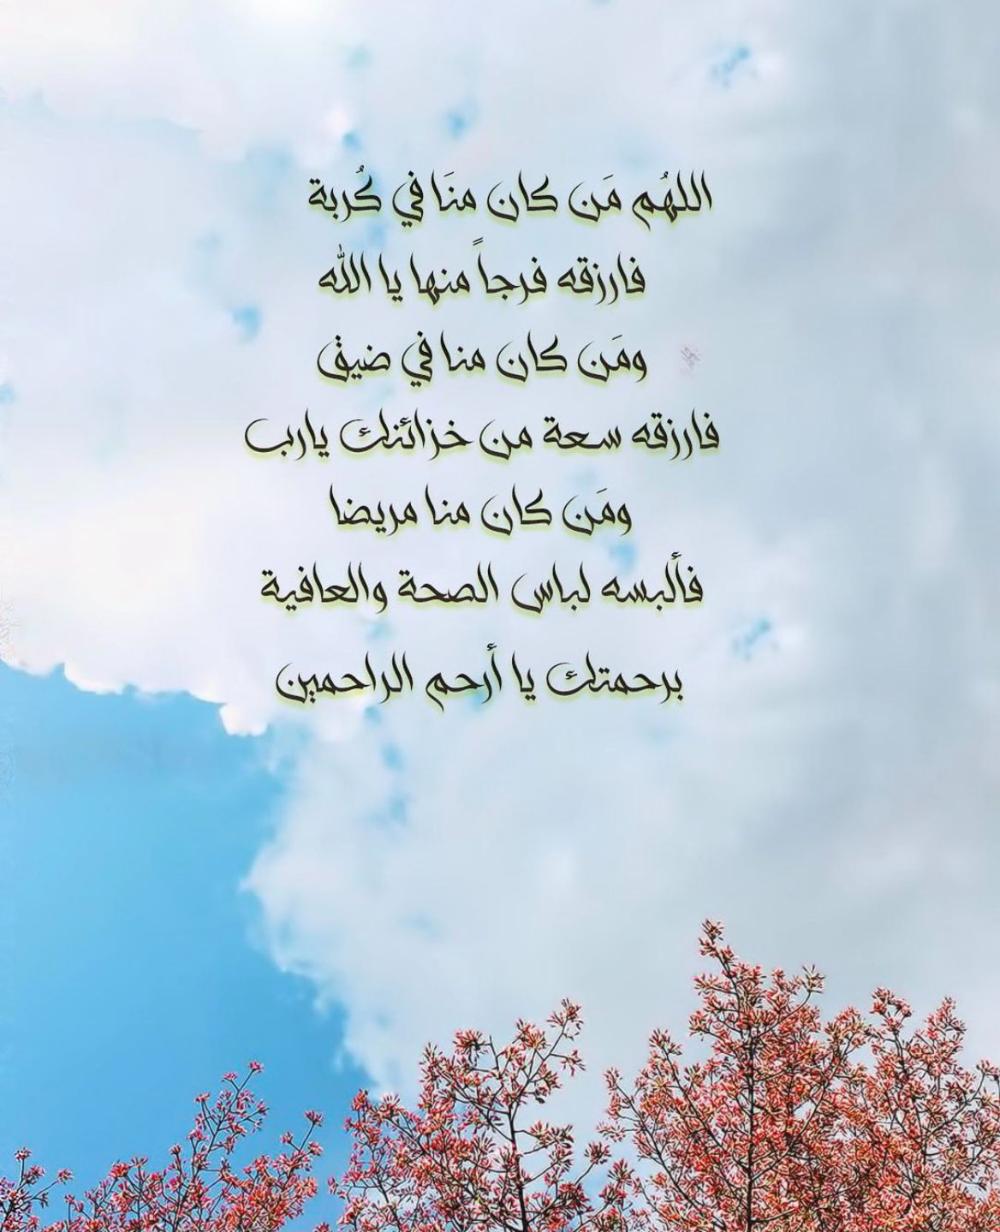 يارب توفيقك On Twitter In 2021 Quran Quotes Love Islam Facts Quran Quotes